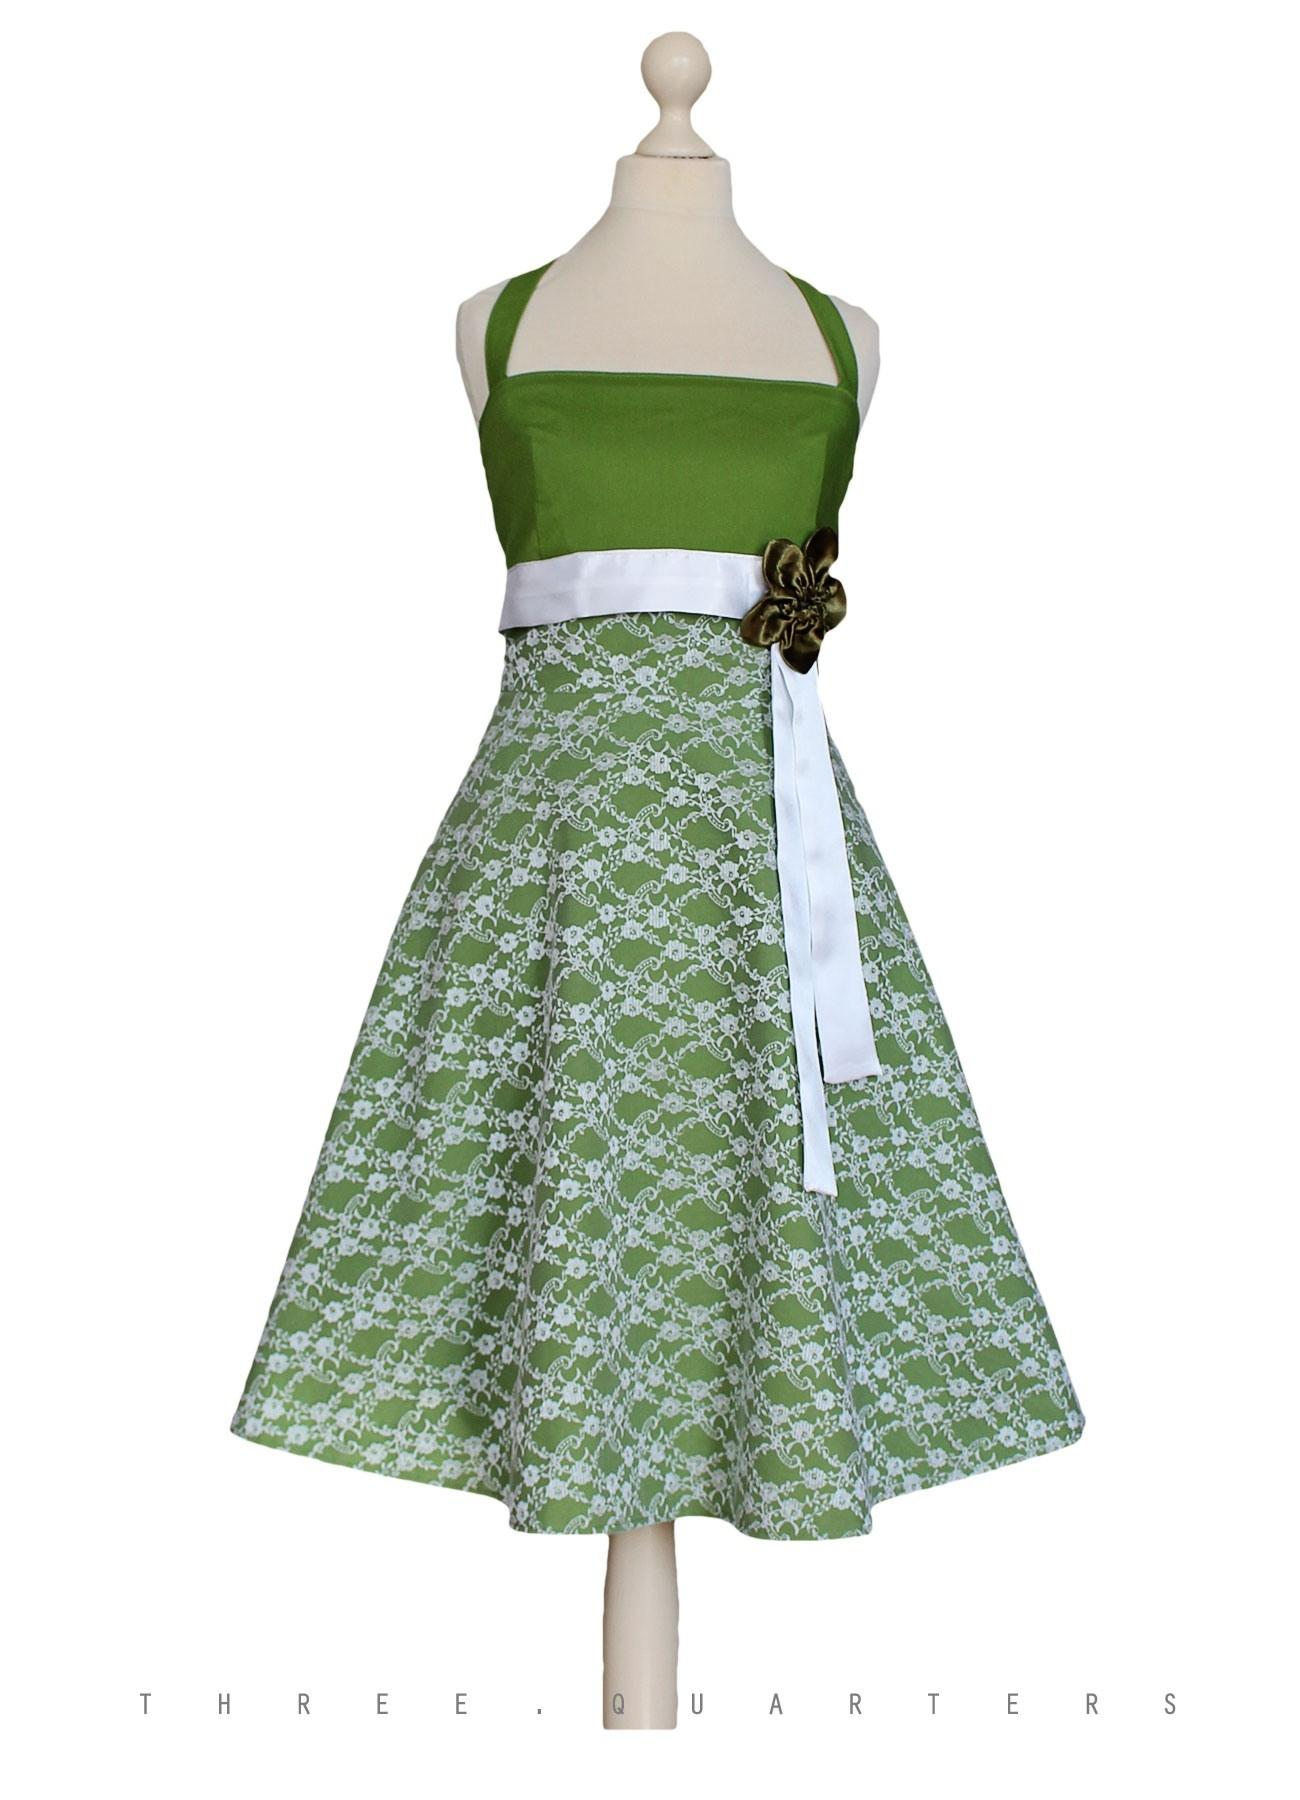 Formal Ausgezeichnet Kleid Hochzeitsgast Grün Ärmel10 Großartig Kleid Hochzeitsgast Grün Galerie